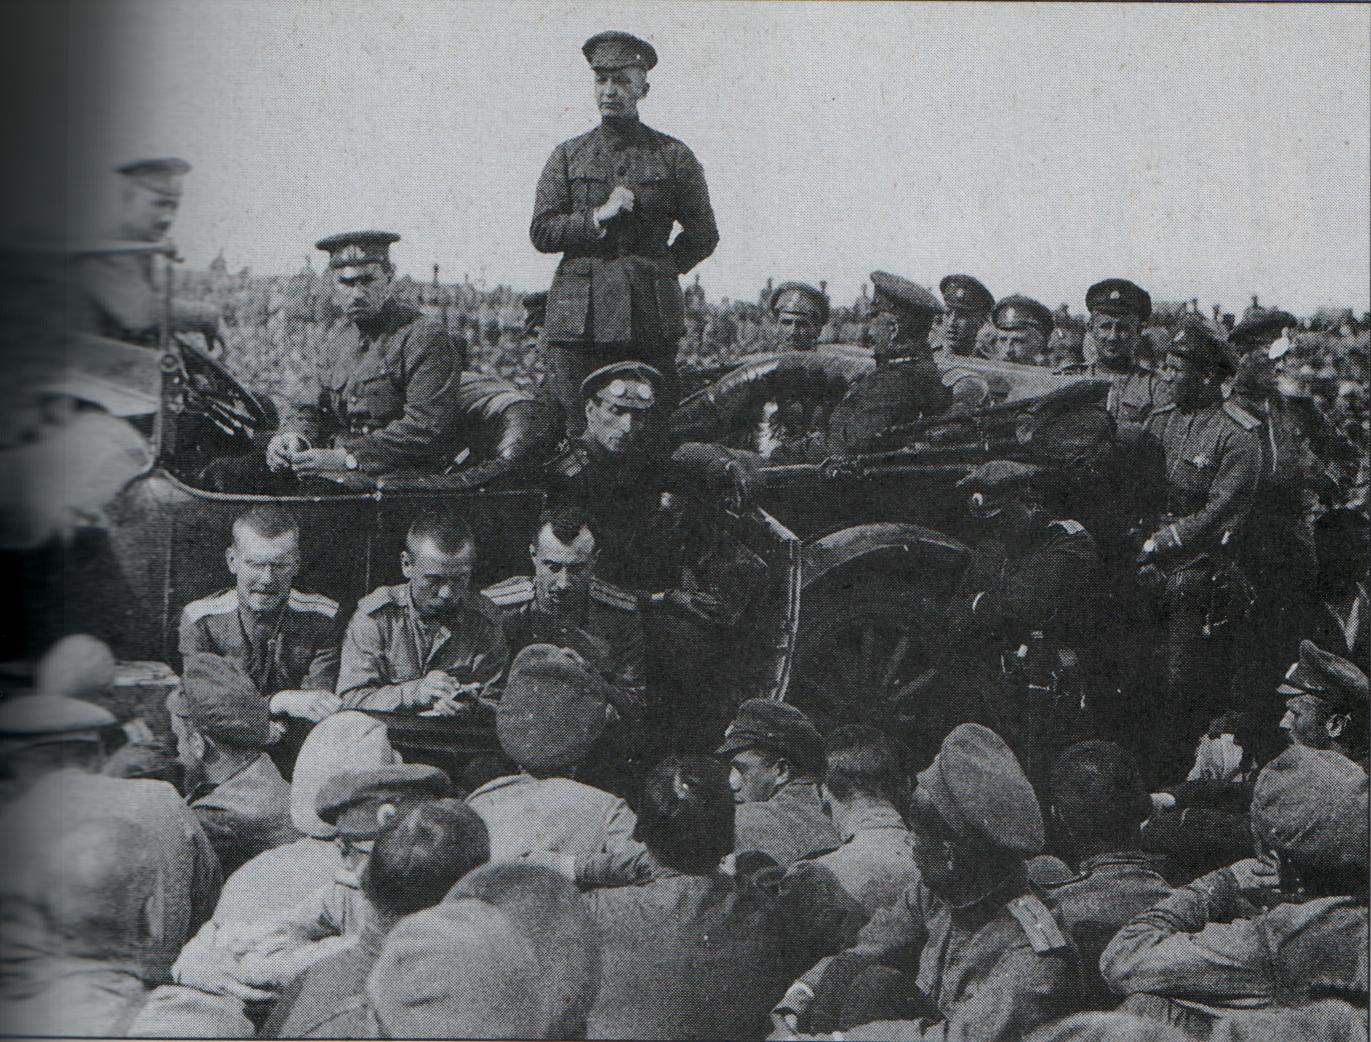 a biography of alexander kerensky a russian socialist revolutionary